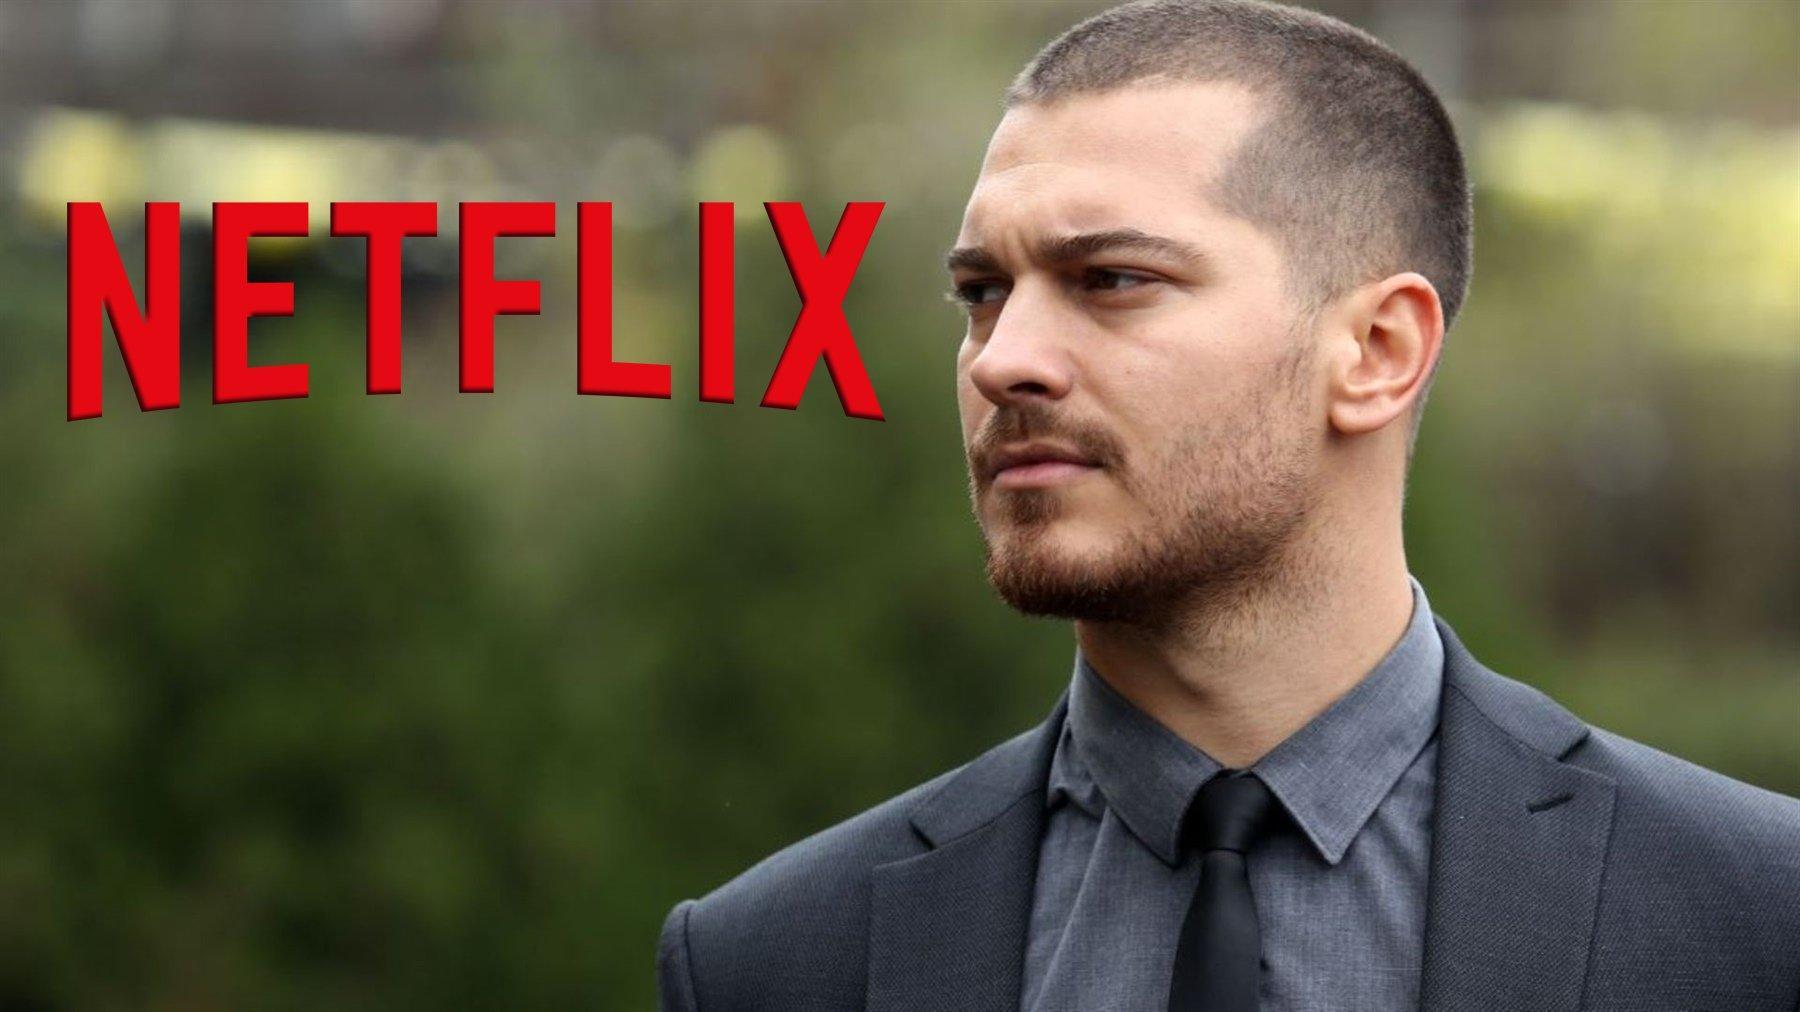 Çağatay Ulusoy ilk Türk dizisiyle Netflixte